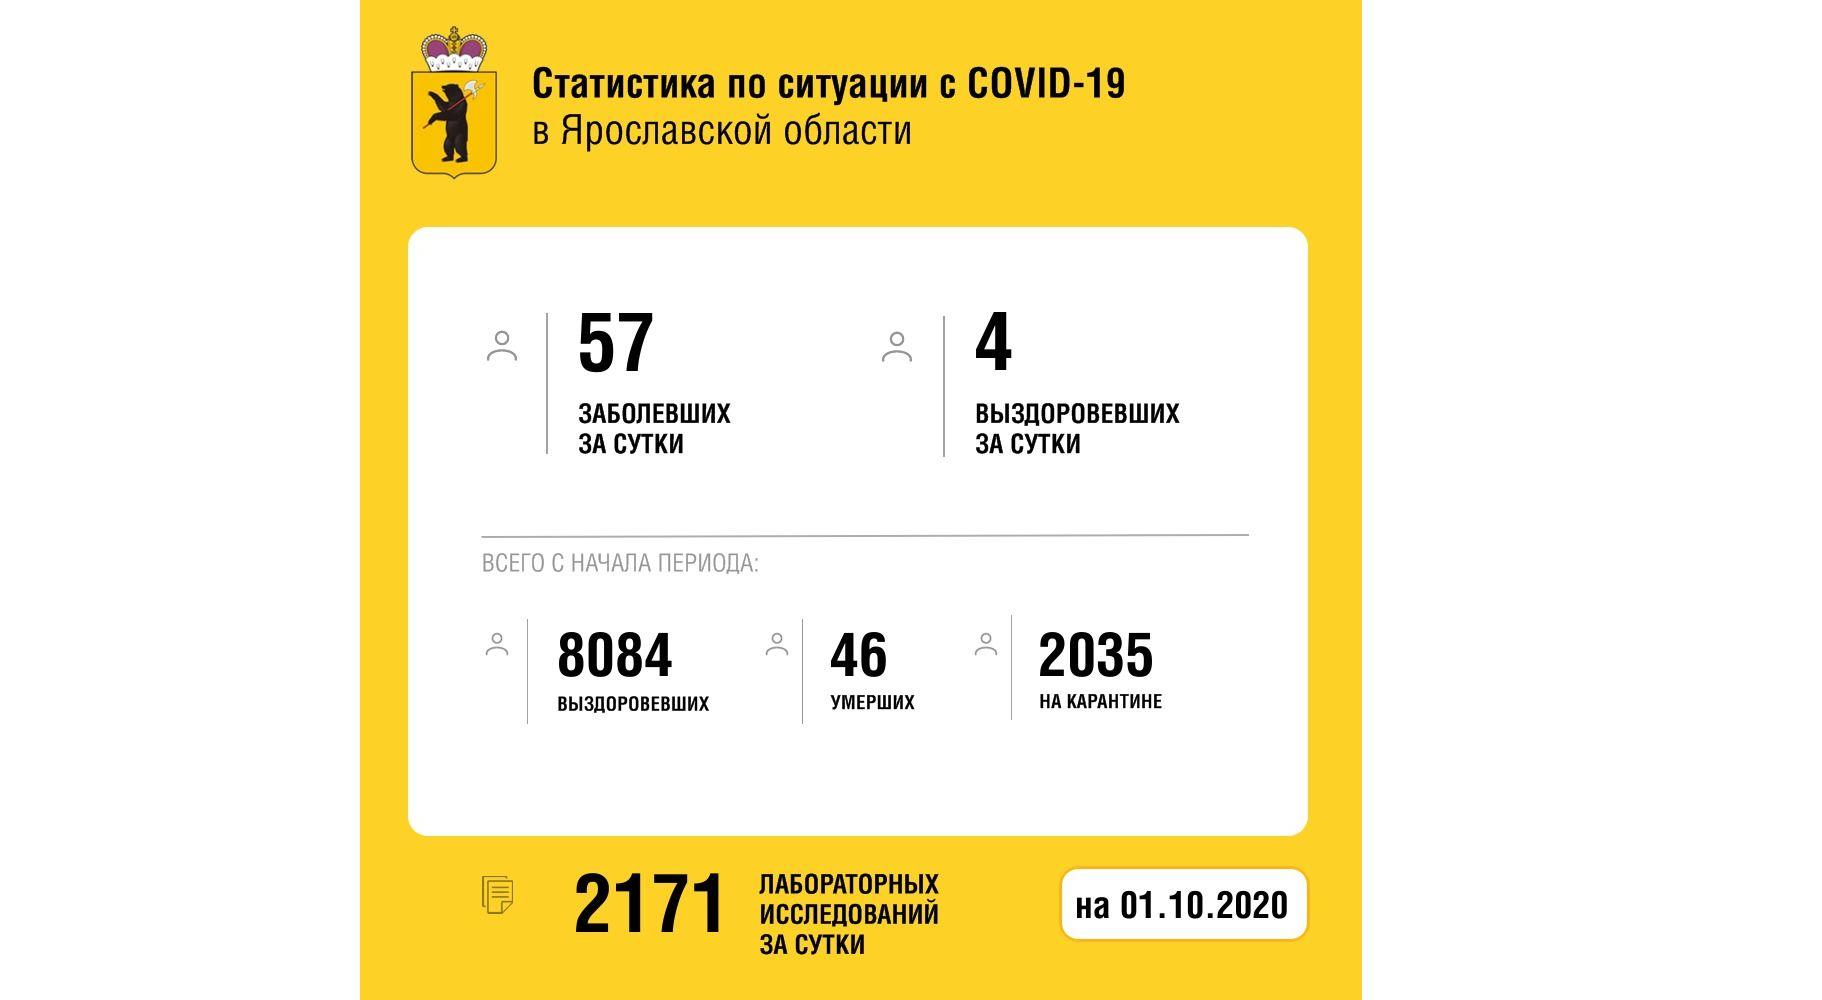 Еще четыре жителя Ярославской области вылечились от коронавируса